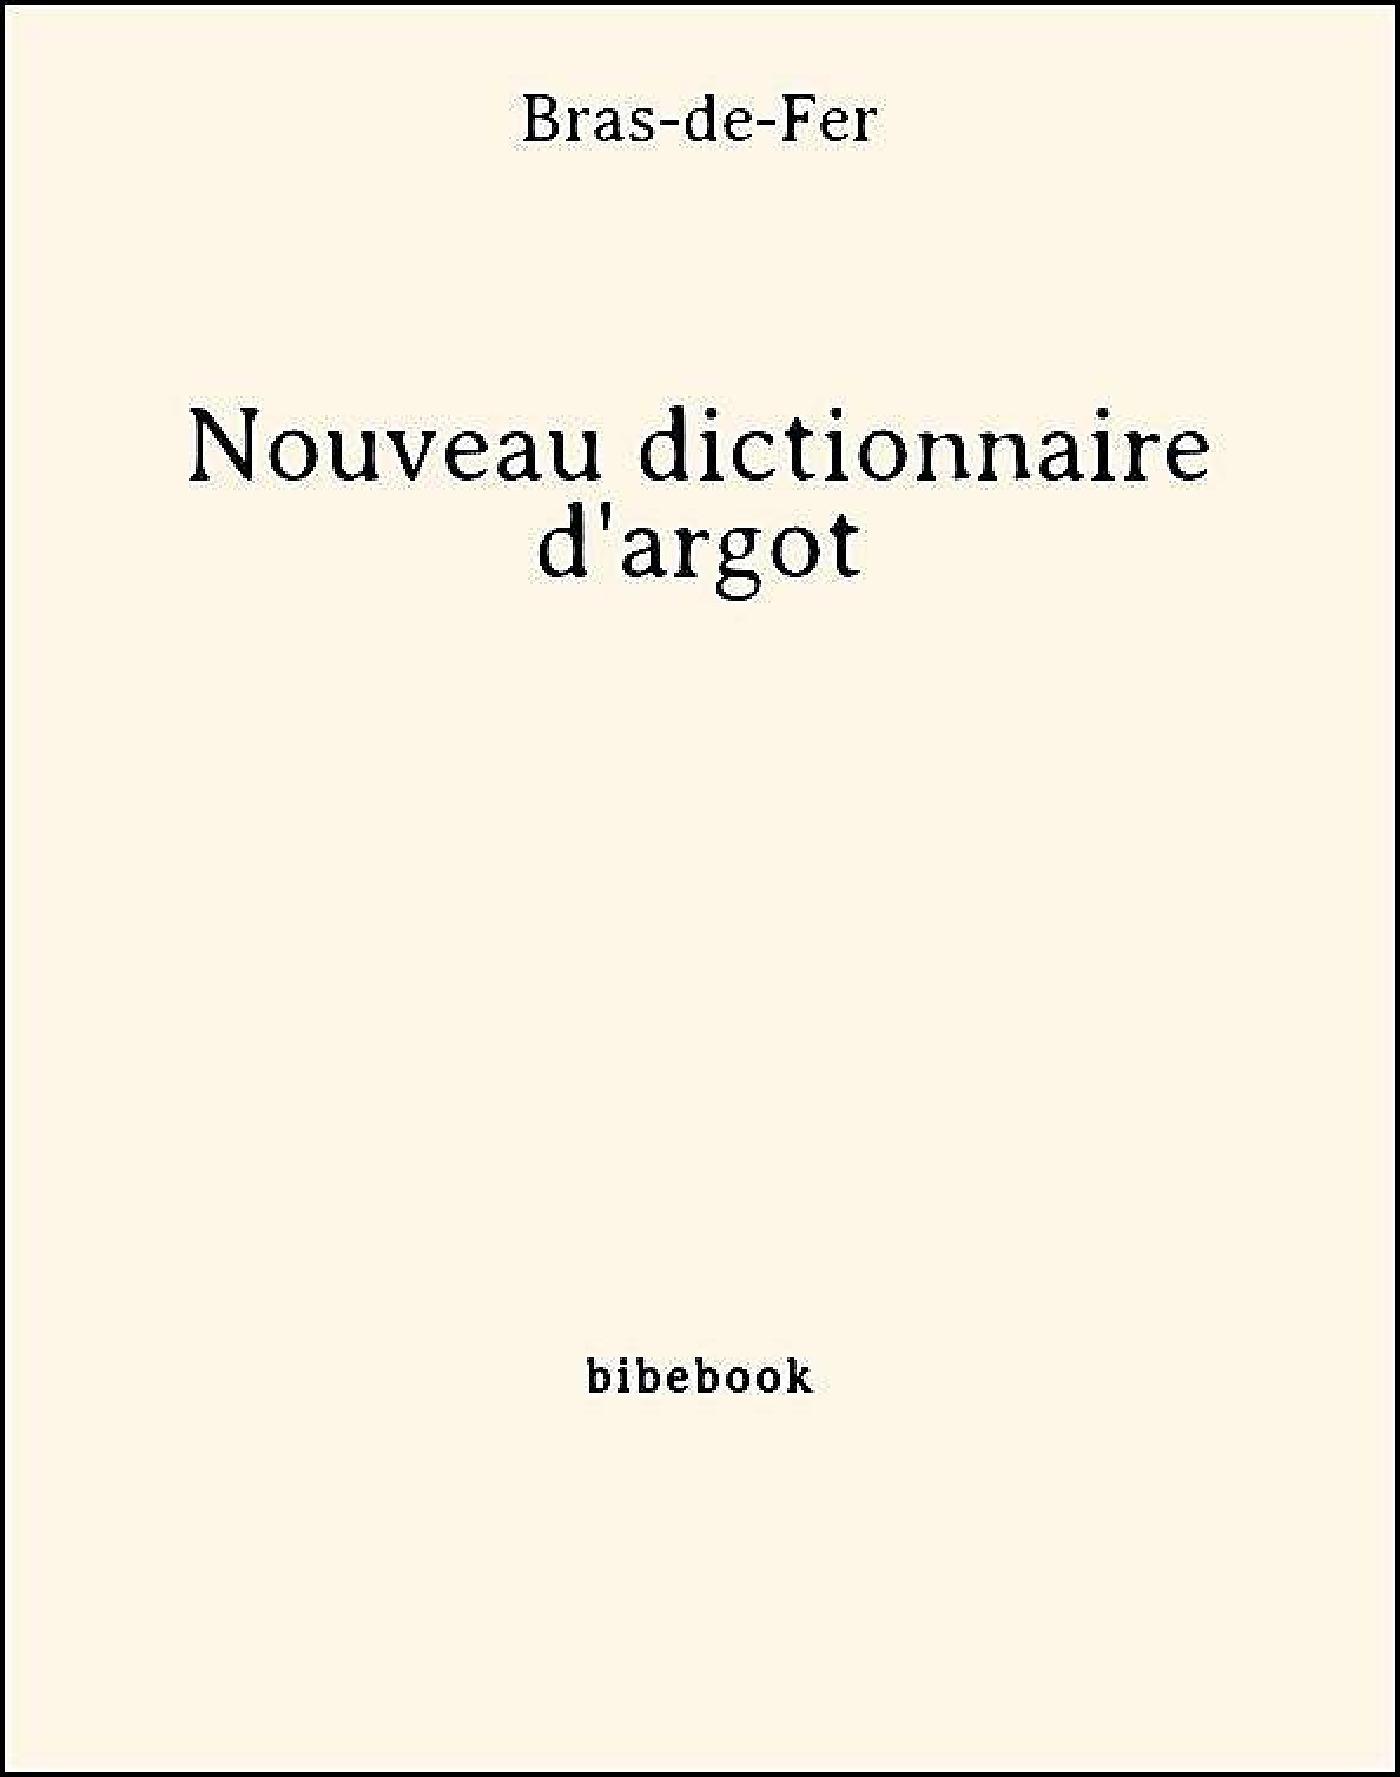 Nouveau dictionnaire d'argot